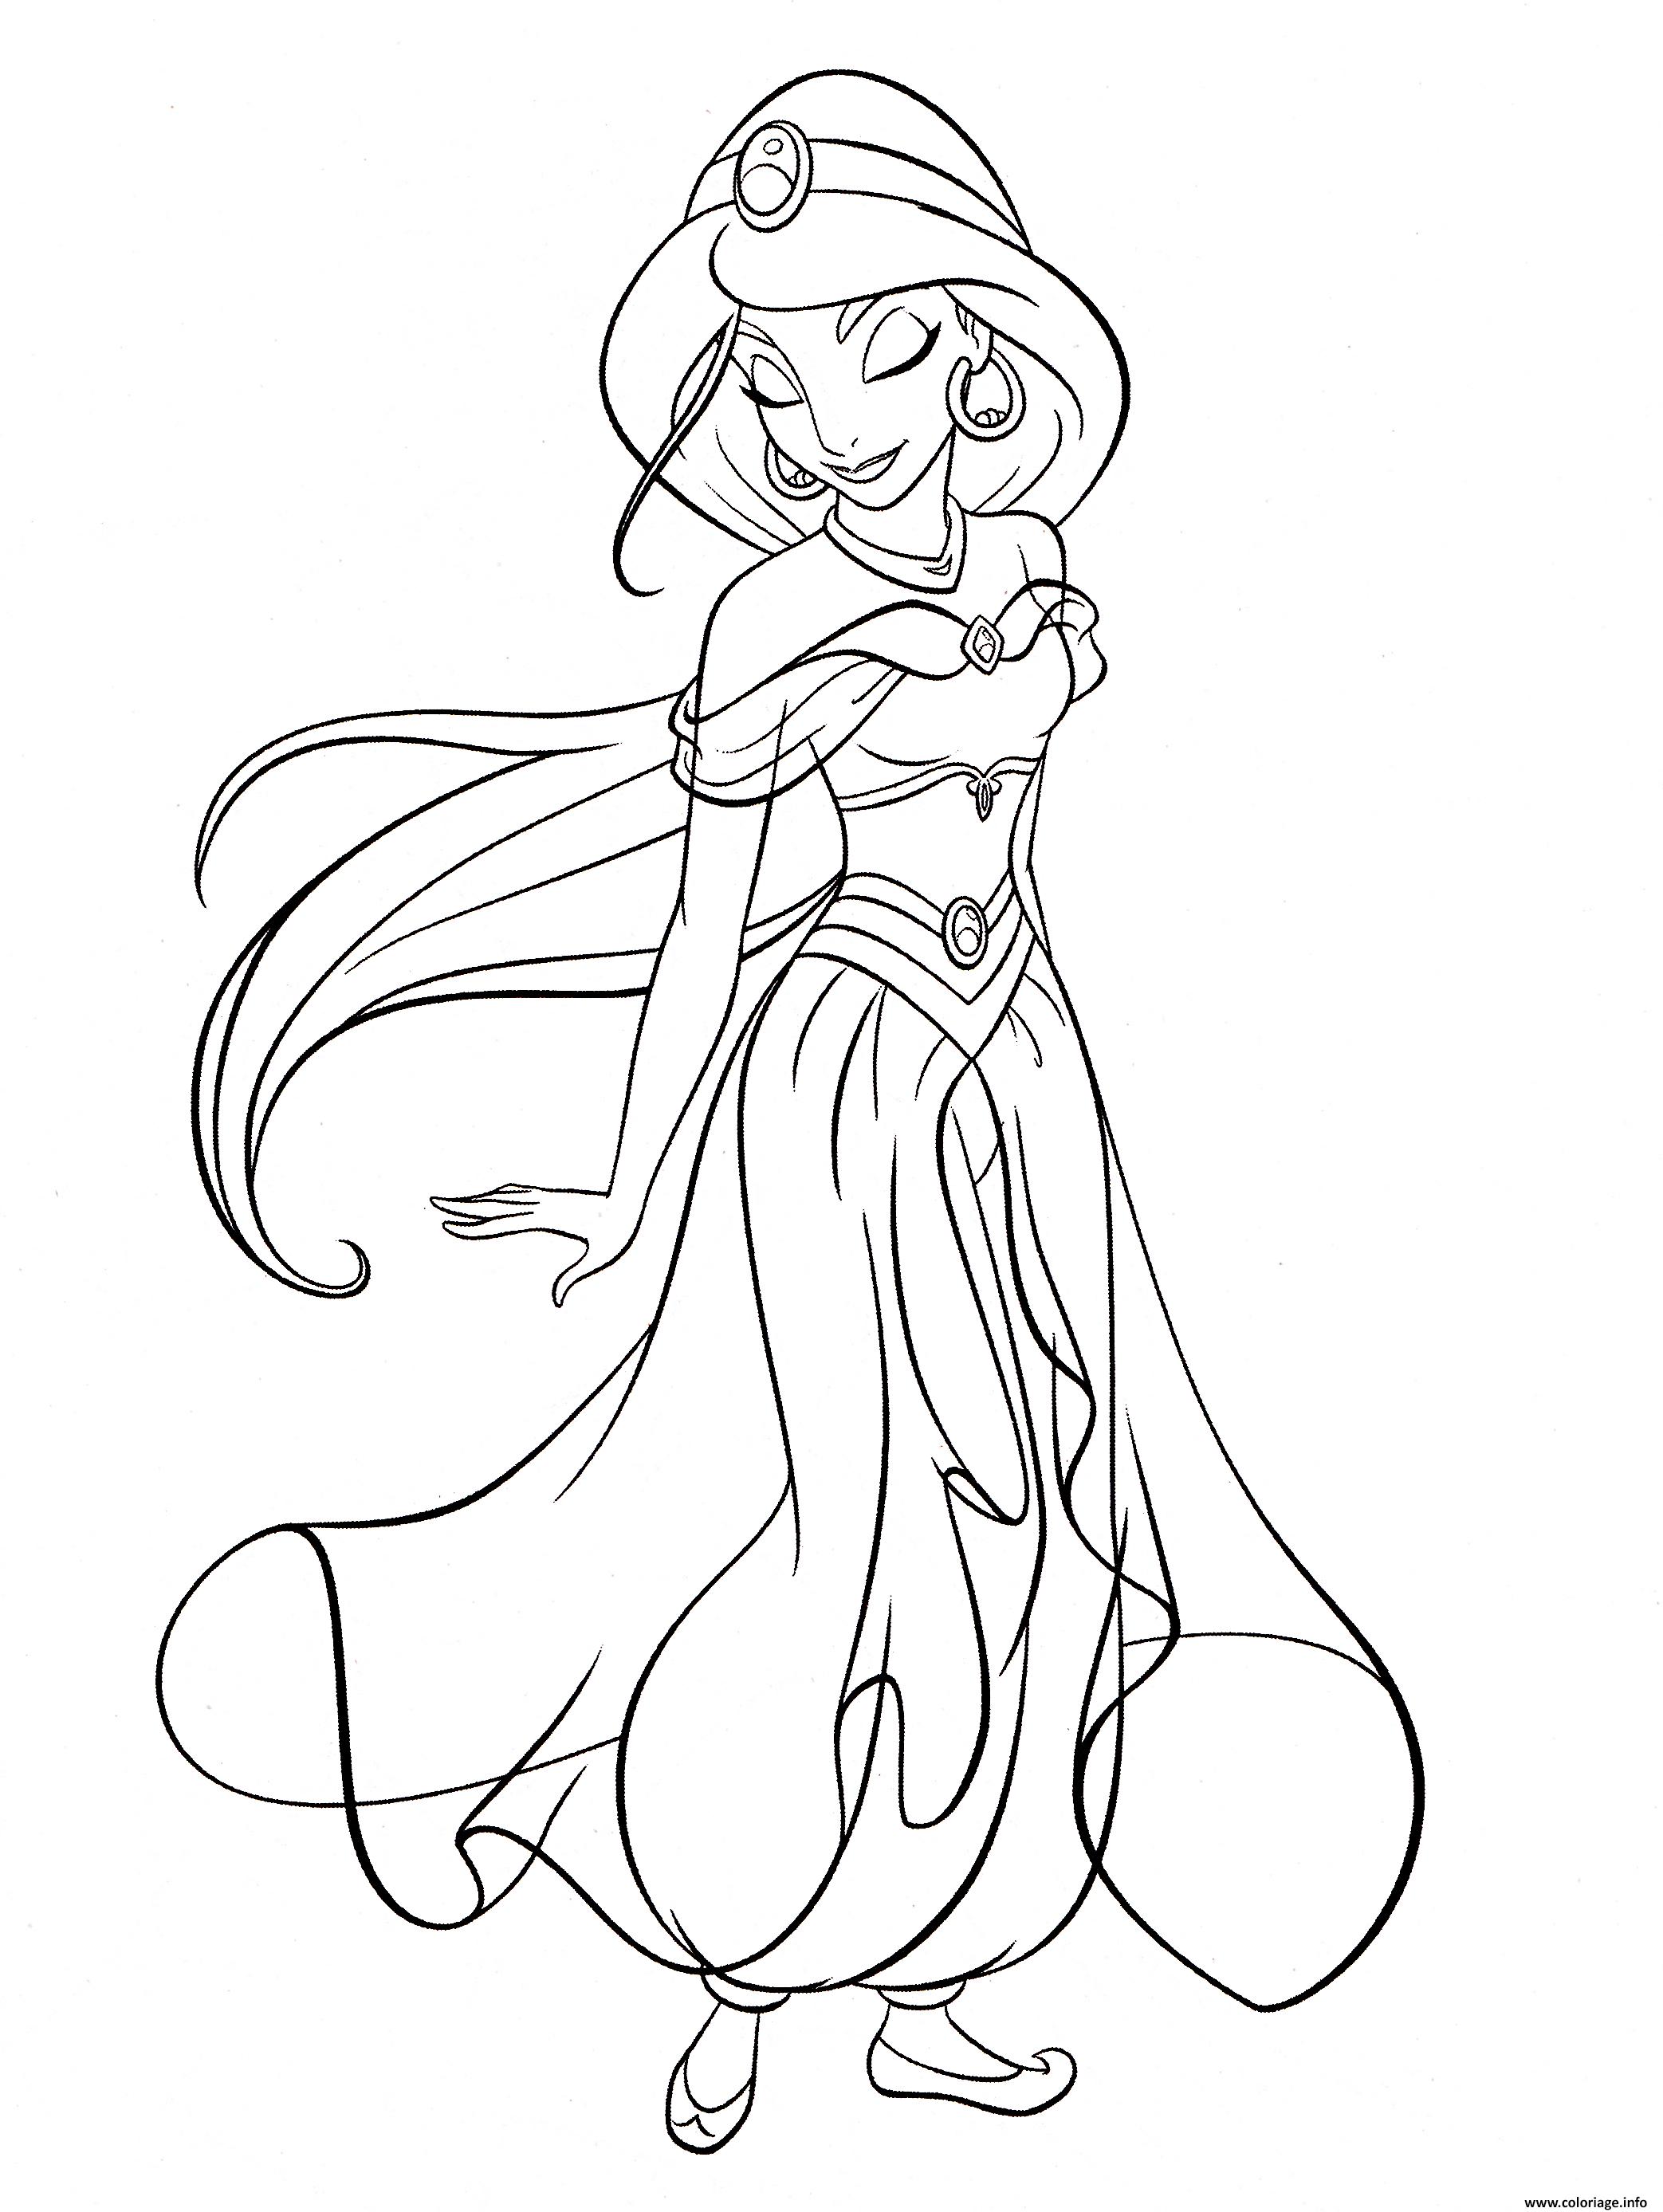 Dessin princesse jasmine du conte Aladin et la lampe merveilleuse des mille et une nuits Coloriage Gratuit à Imprimer